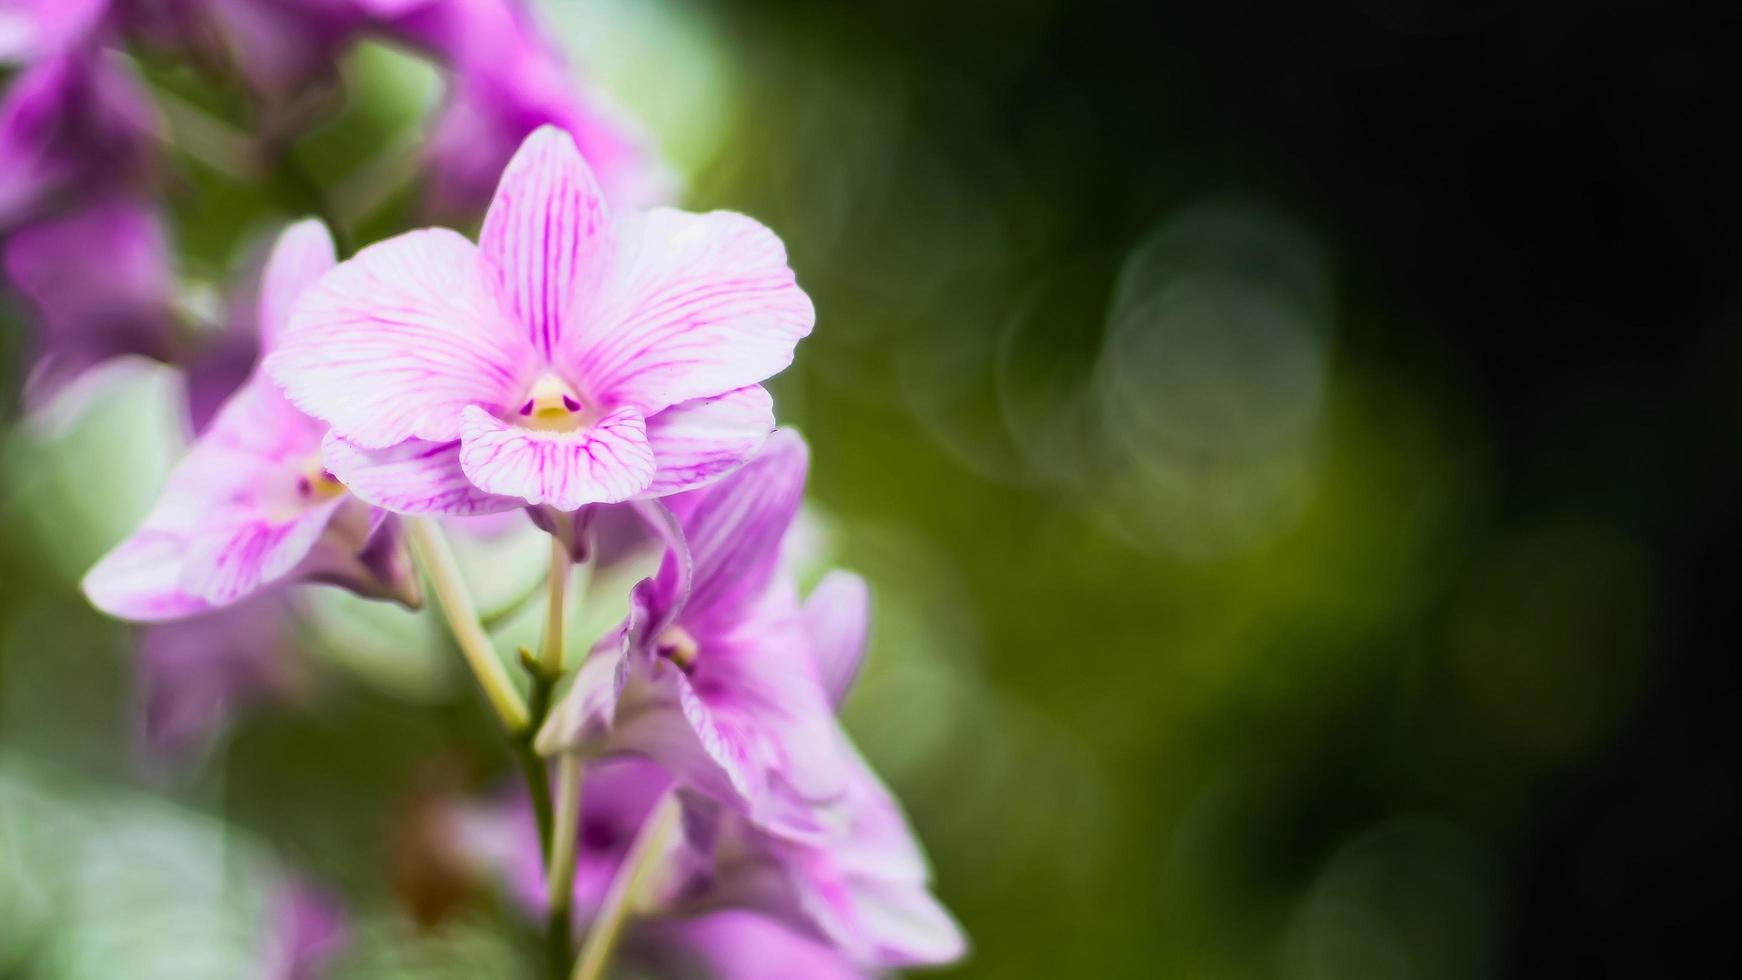 fleur d'orchidée pourpre sur fond vert photo